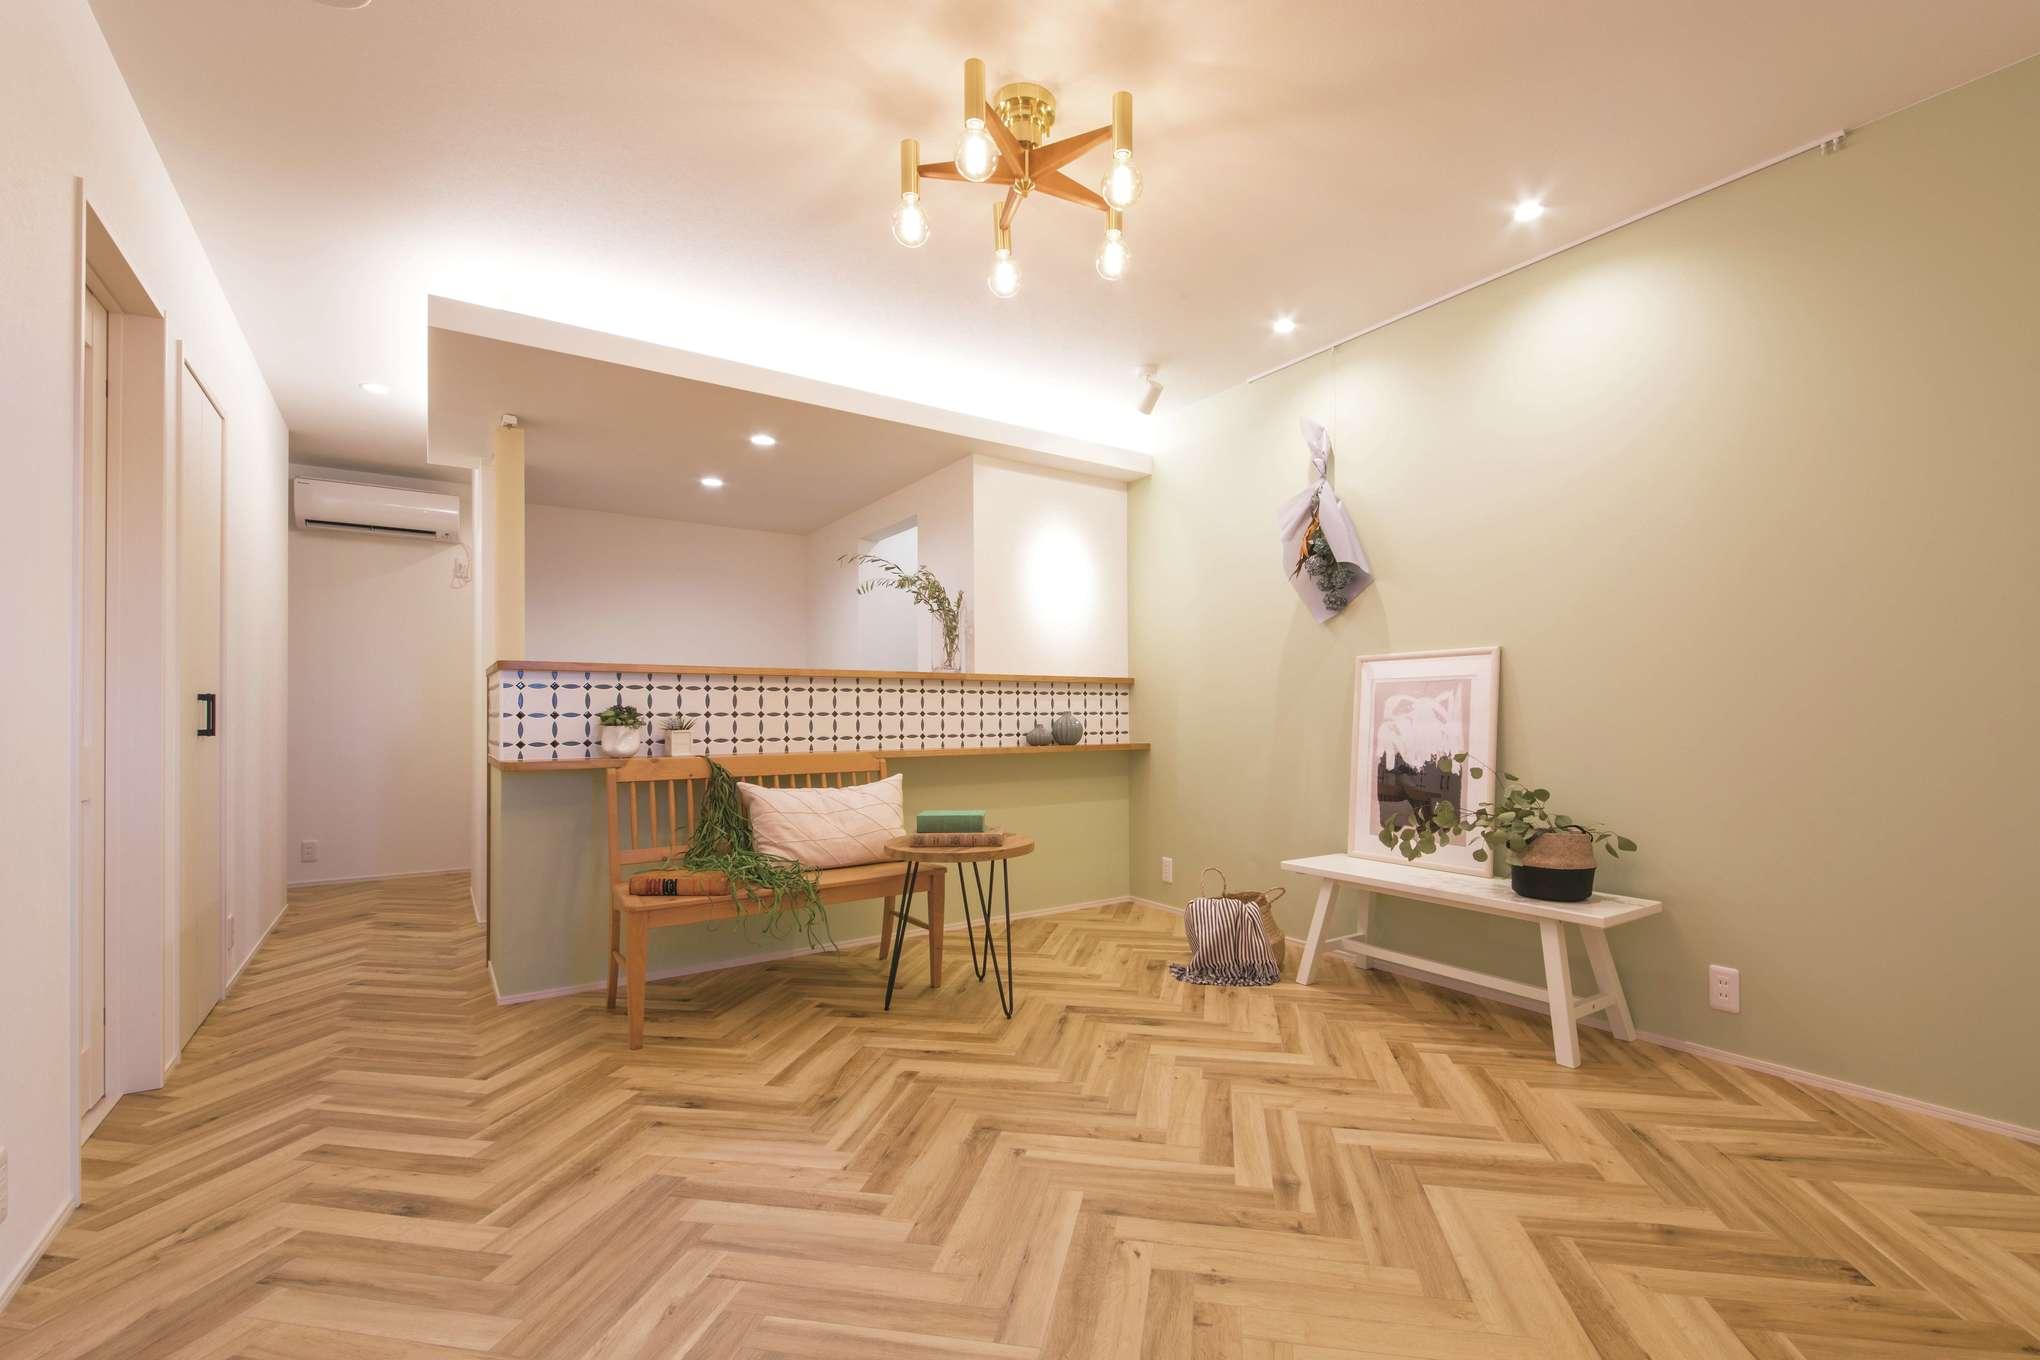 コットンハウス【省エネ、間取り、趣味】『コットンハウス』は店舗建築の実績も豊富なため、「安心して任せられました」と奥さま。リラクゼーションスペース「PRimA・Classe(プリマ・クラッセ)」は、今年9月から移転・オープン